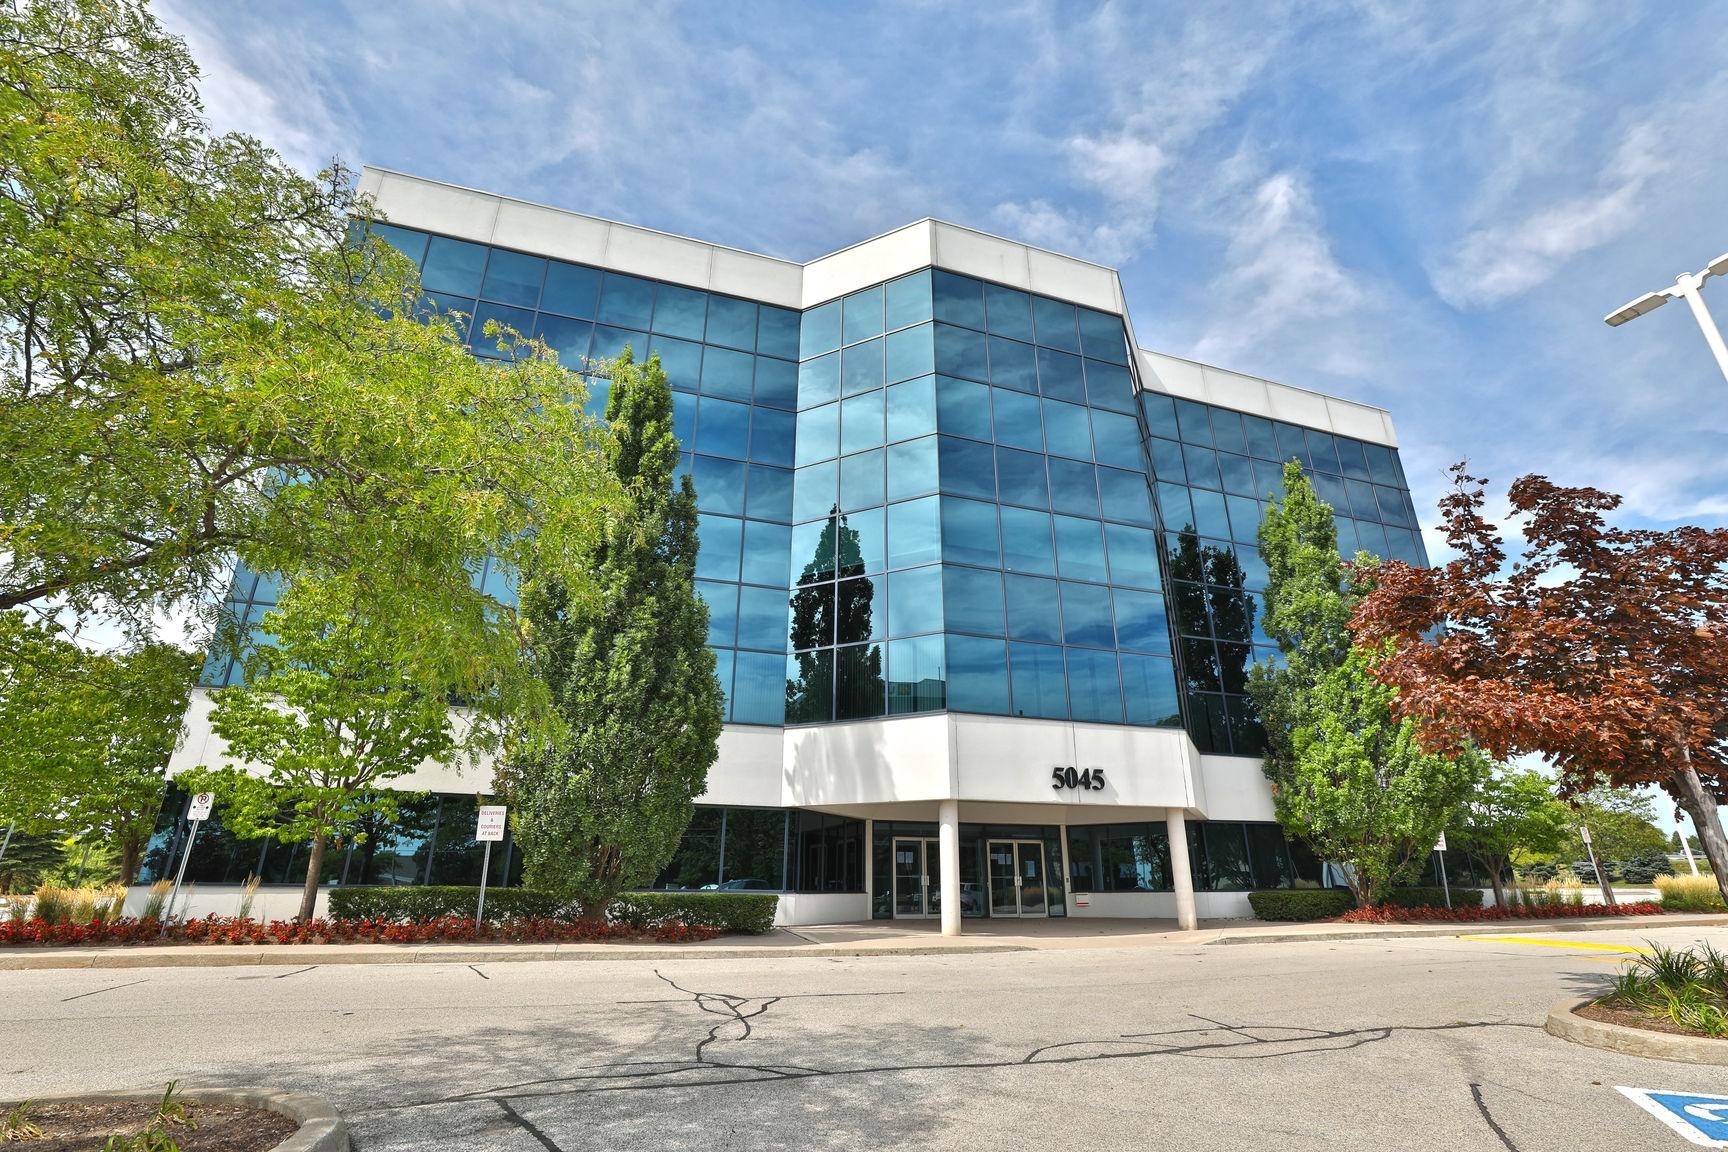 5045 South Service Road, Burlington, Ontario